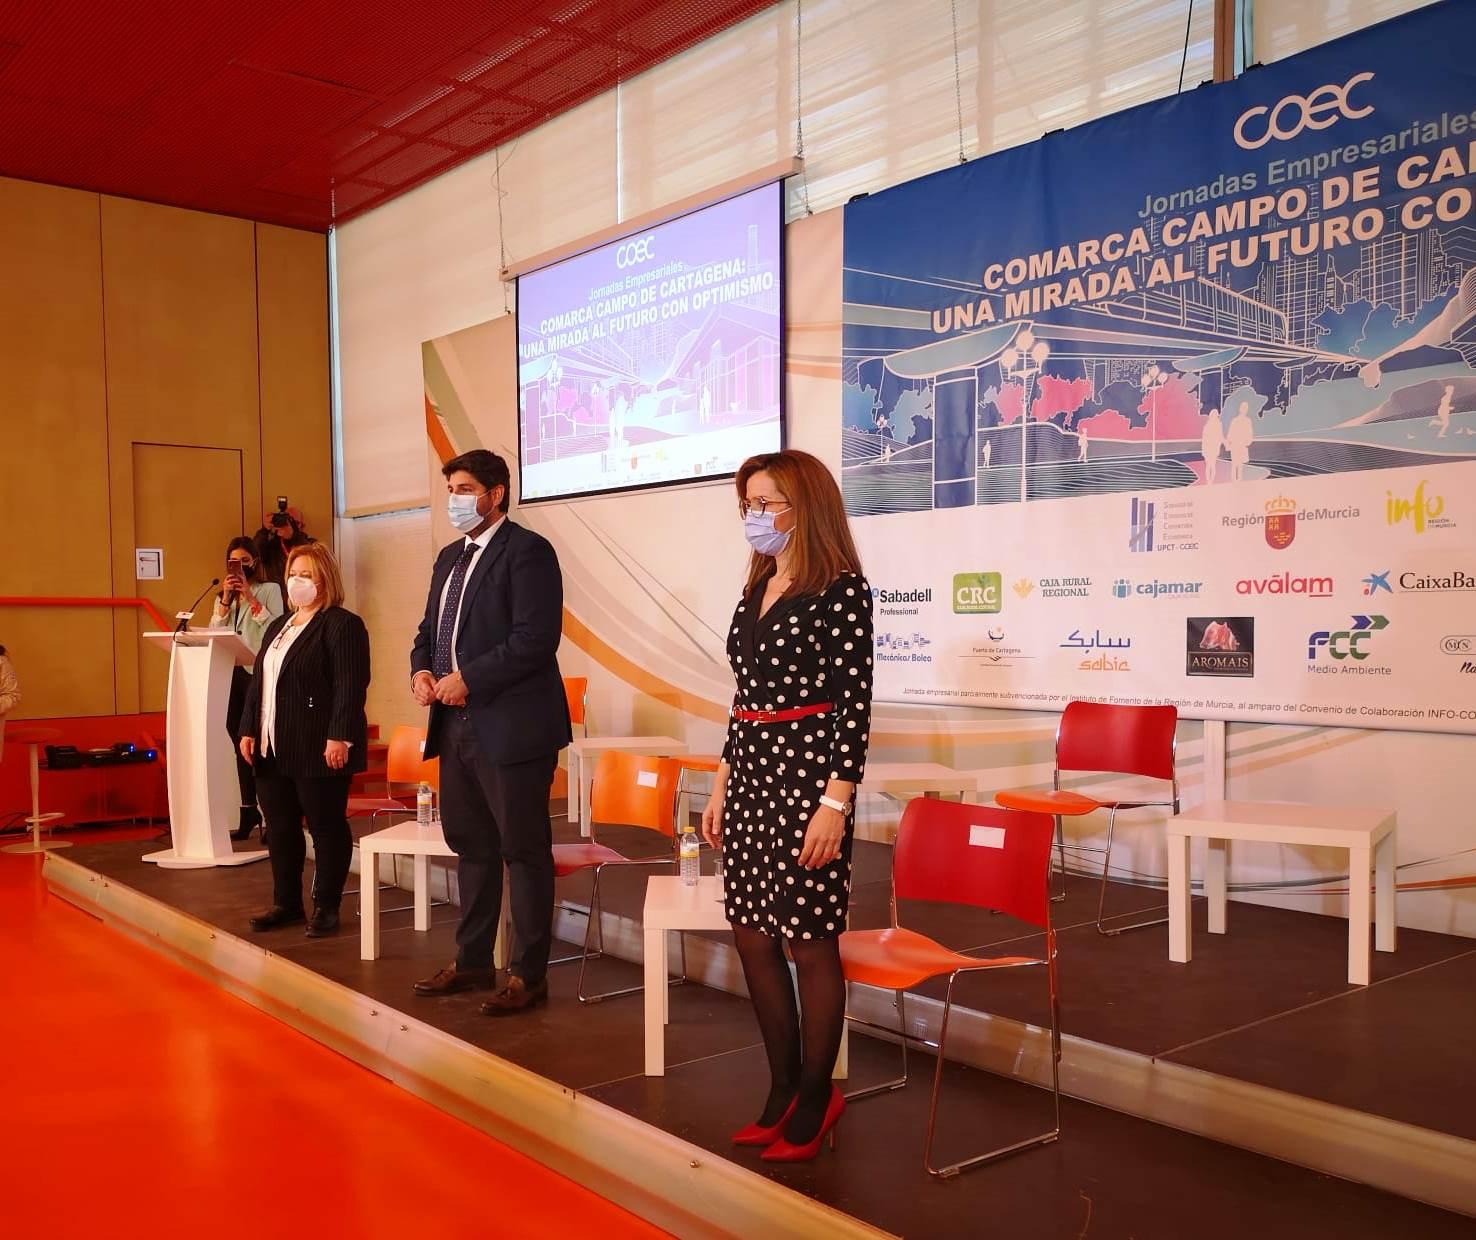 INFRAESTRUCTURAS, FORMACIÓN Y DIGITALIZACIÓN: CLAVES PARA EL FUTURO ECONÓMICO DE LA COMARCA DEL CAMPO DE CARTAGENA